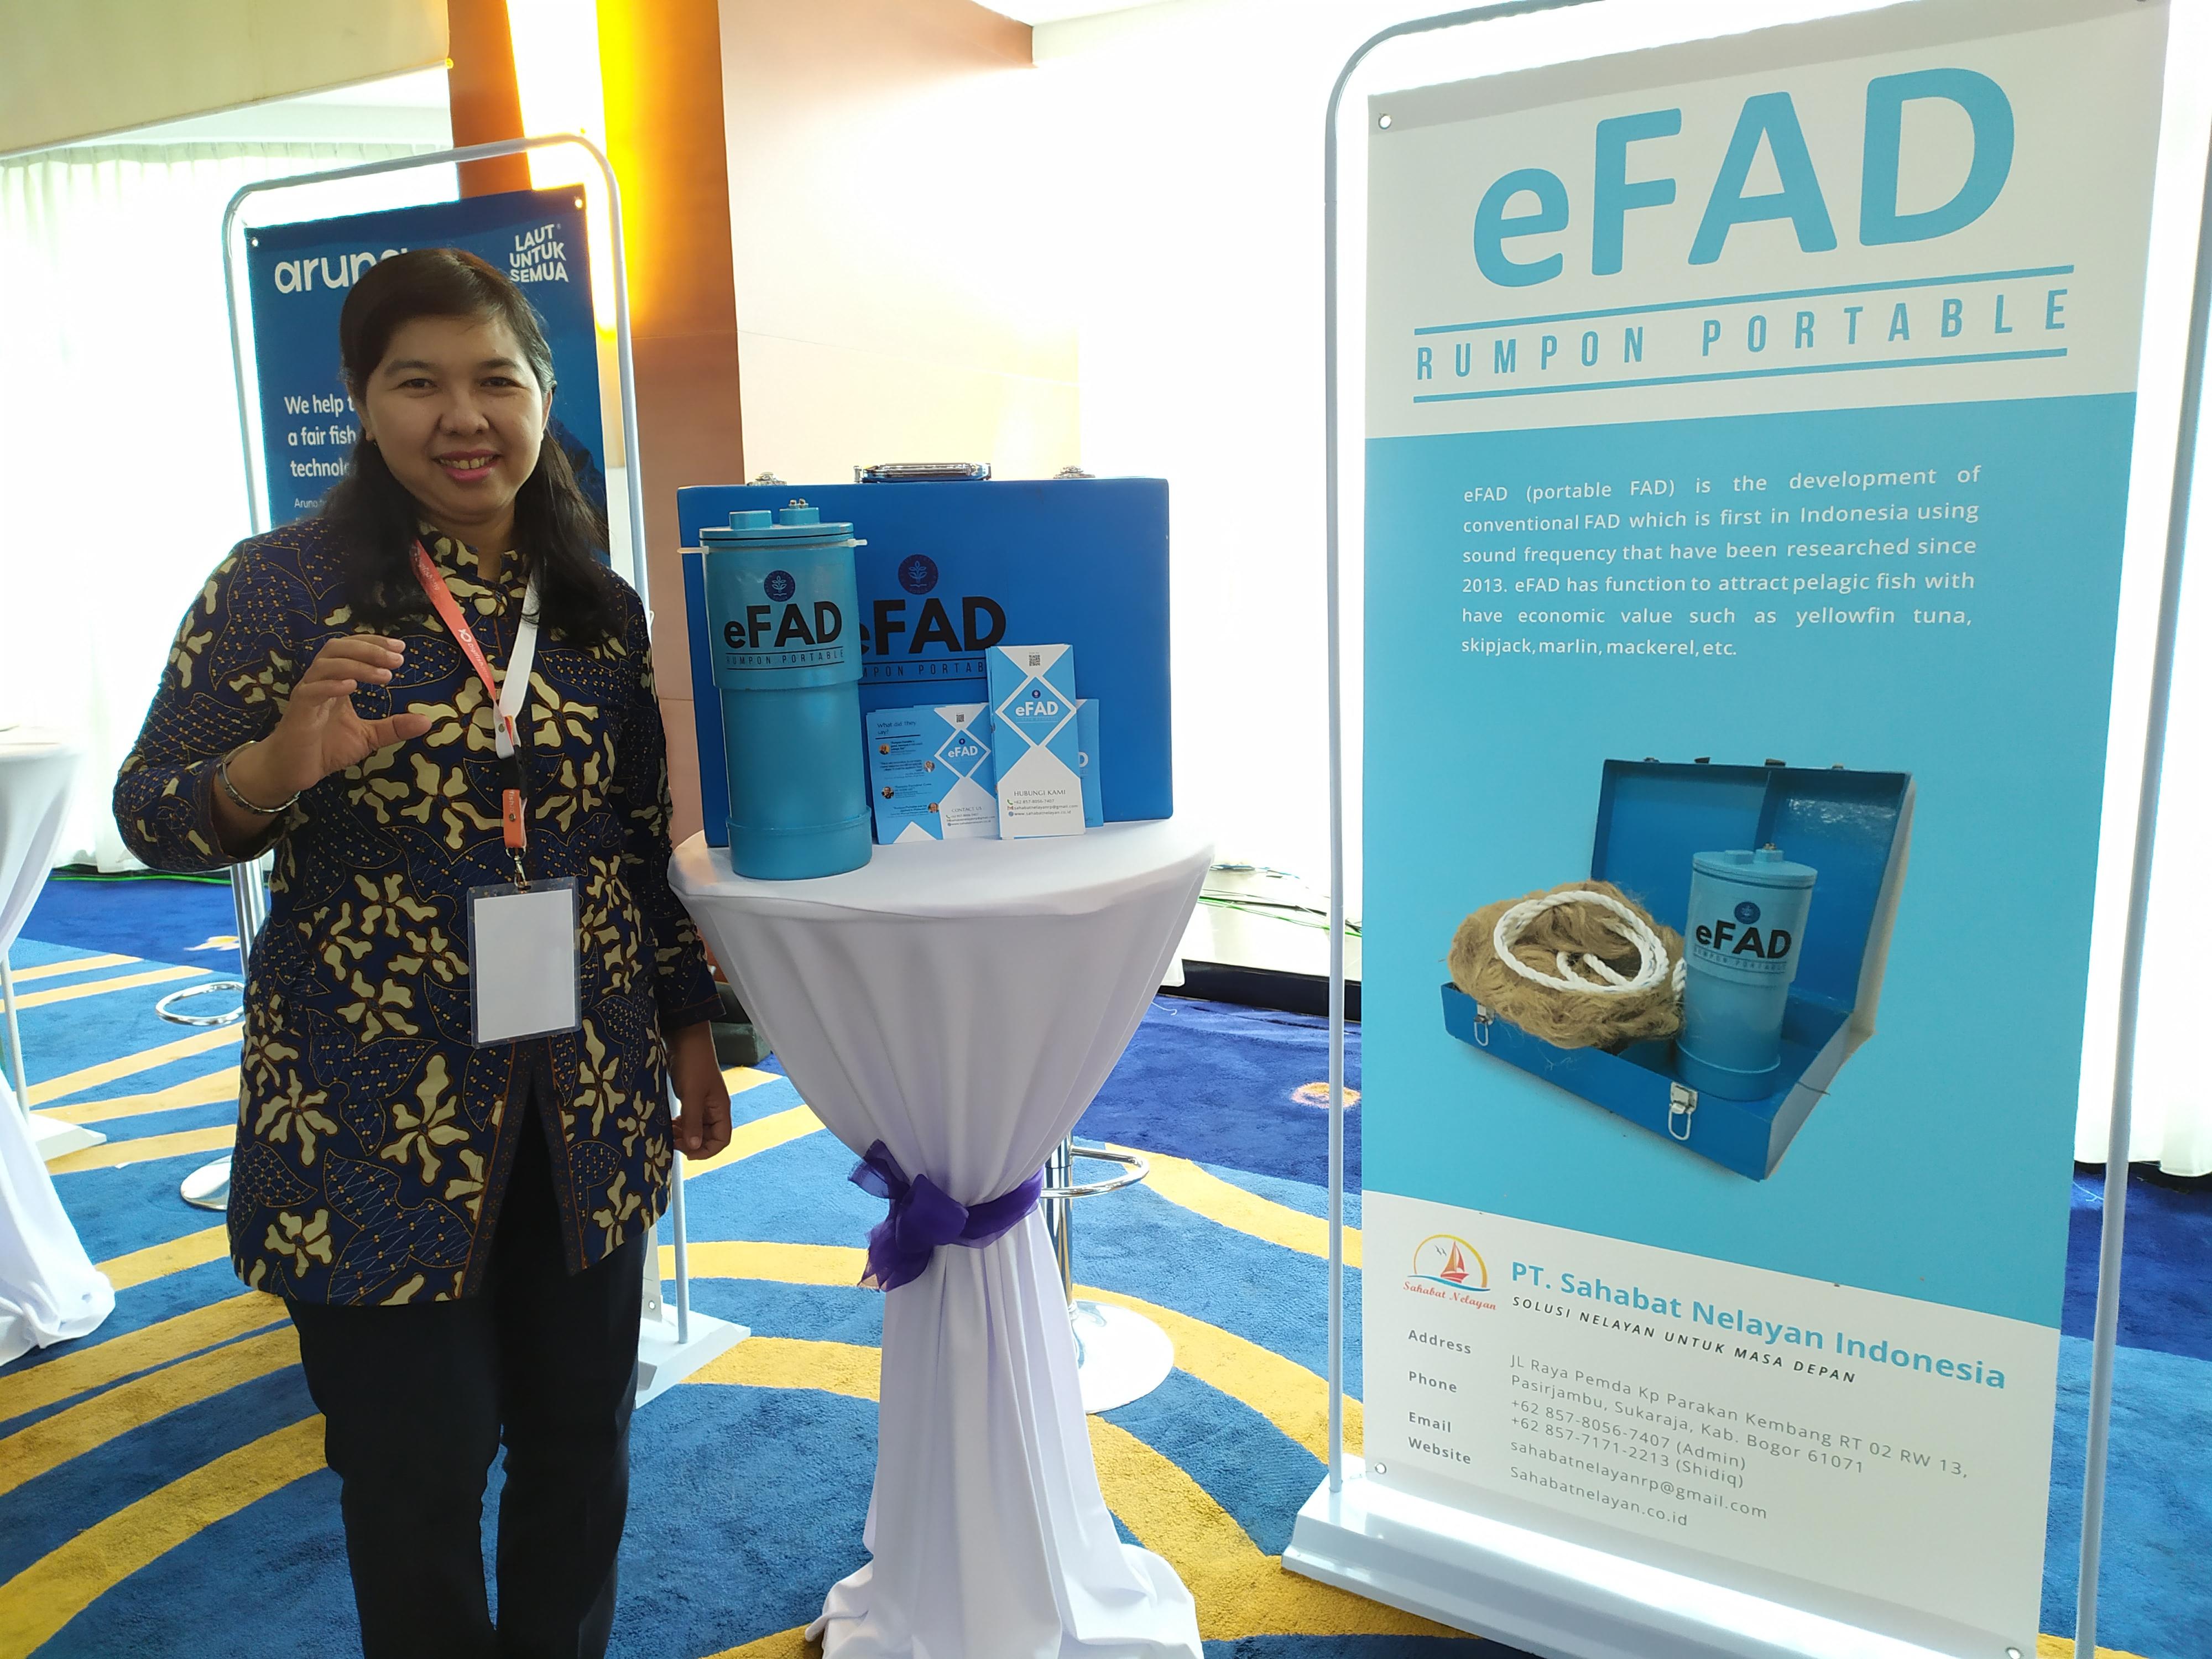 Mengenal eFAD, Rumpon Portable yang Bisa 'Memanggil' Ikan